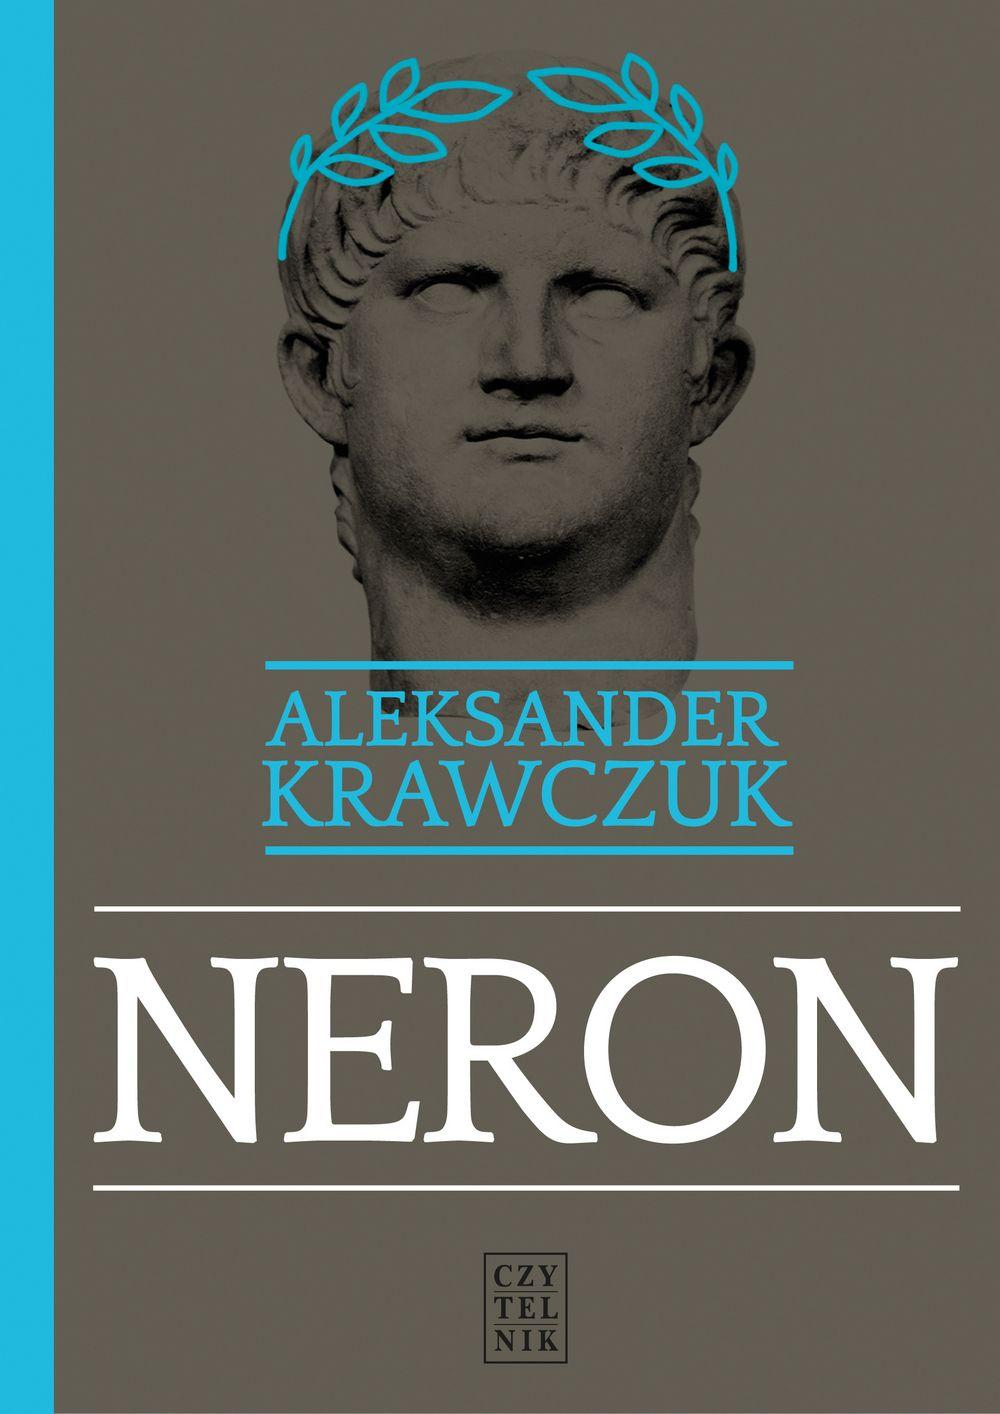 Kup klasyczną biografię Nerona z rabatem na stronie wydawcy.